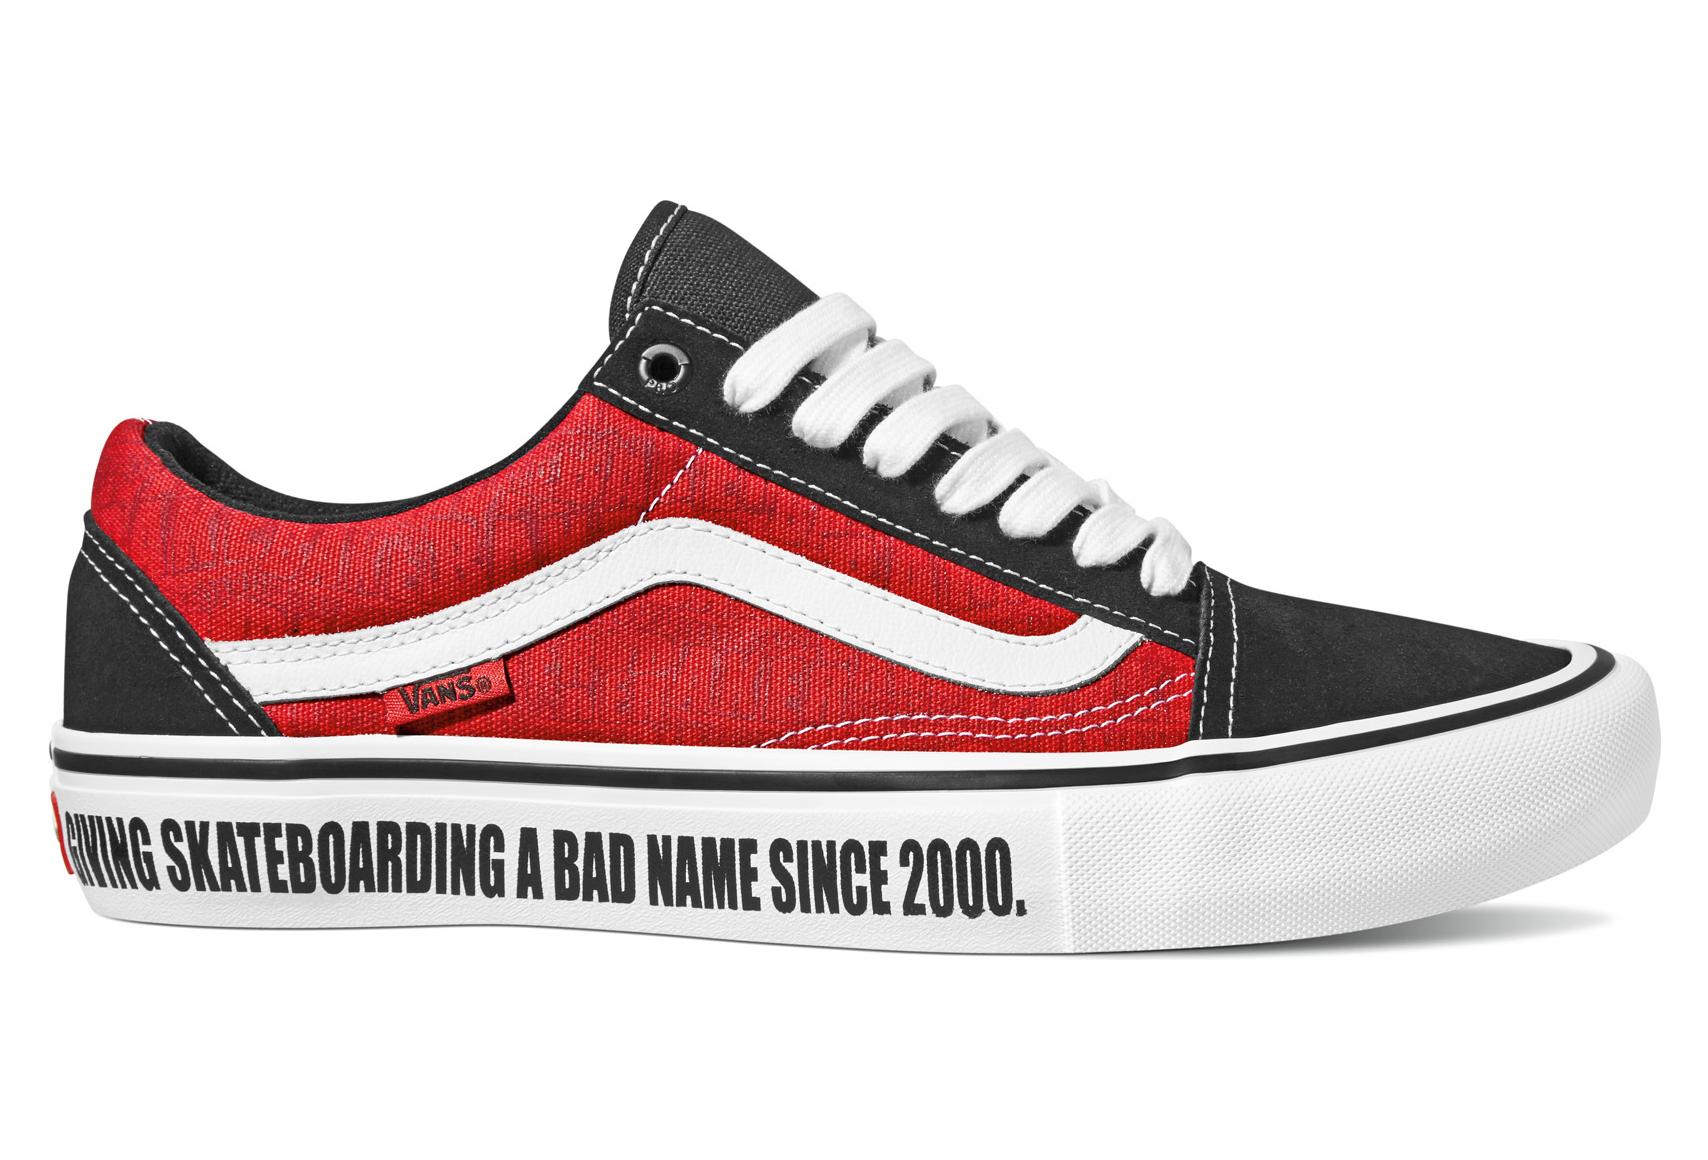 Chaussures Vans x Baker Old Skool Pro BlackWhiteRed